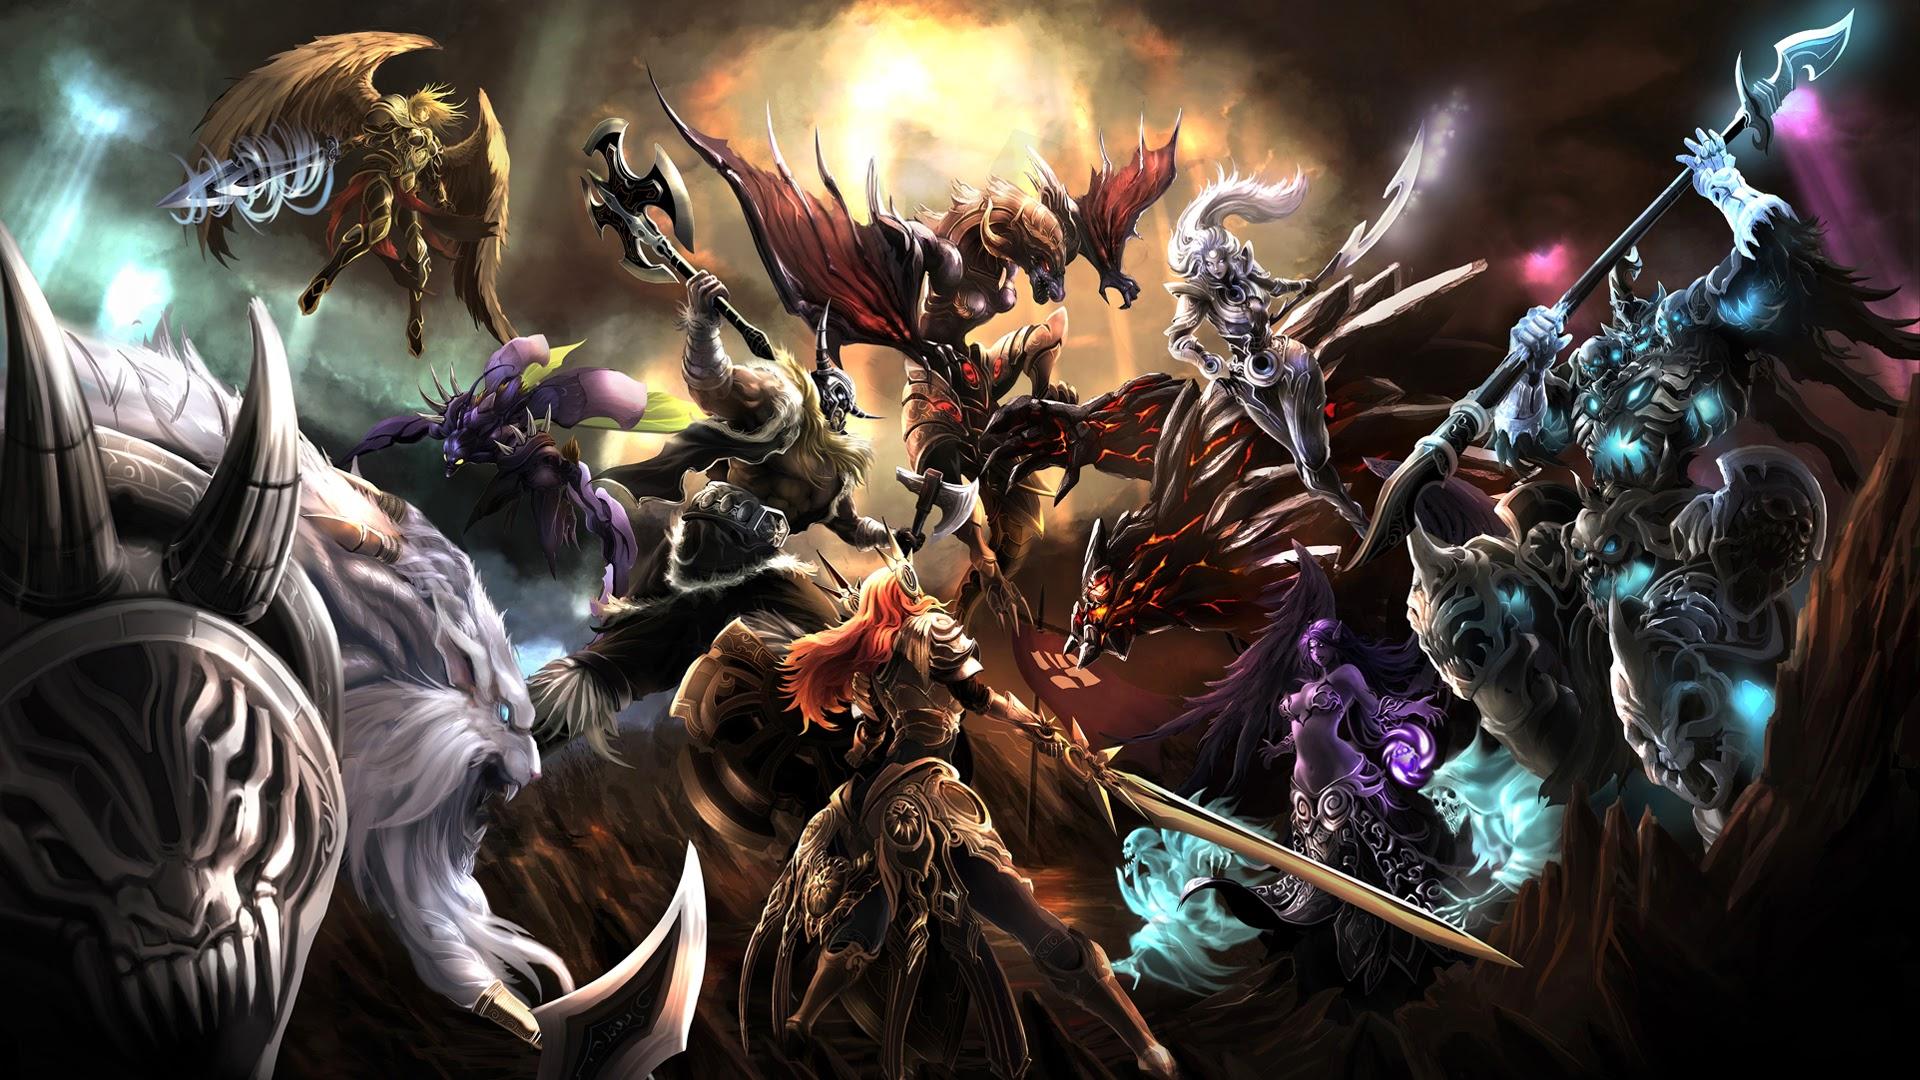 Free Download League Of Legends Epic Clash Battle Hd Wallpaper